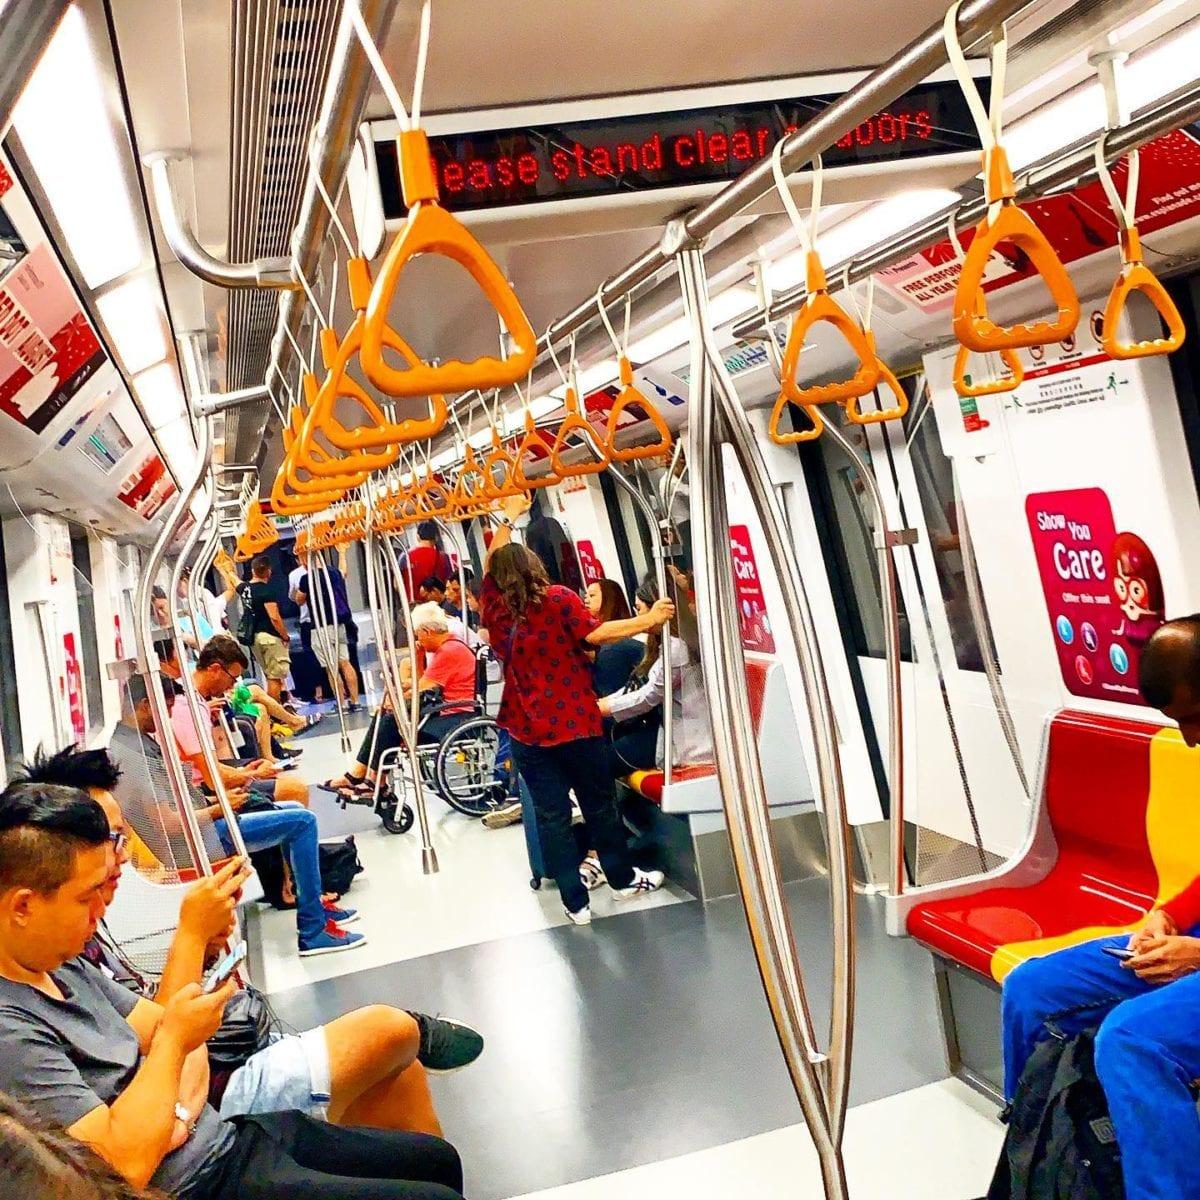 Dans le métro de ️ ️